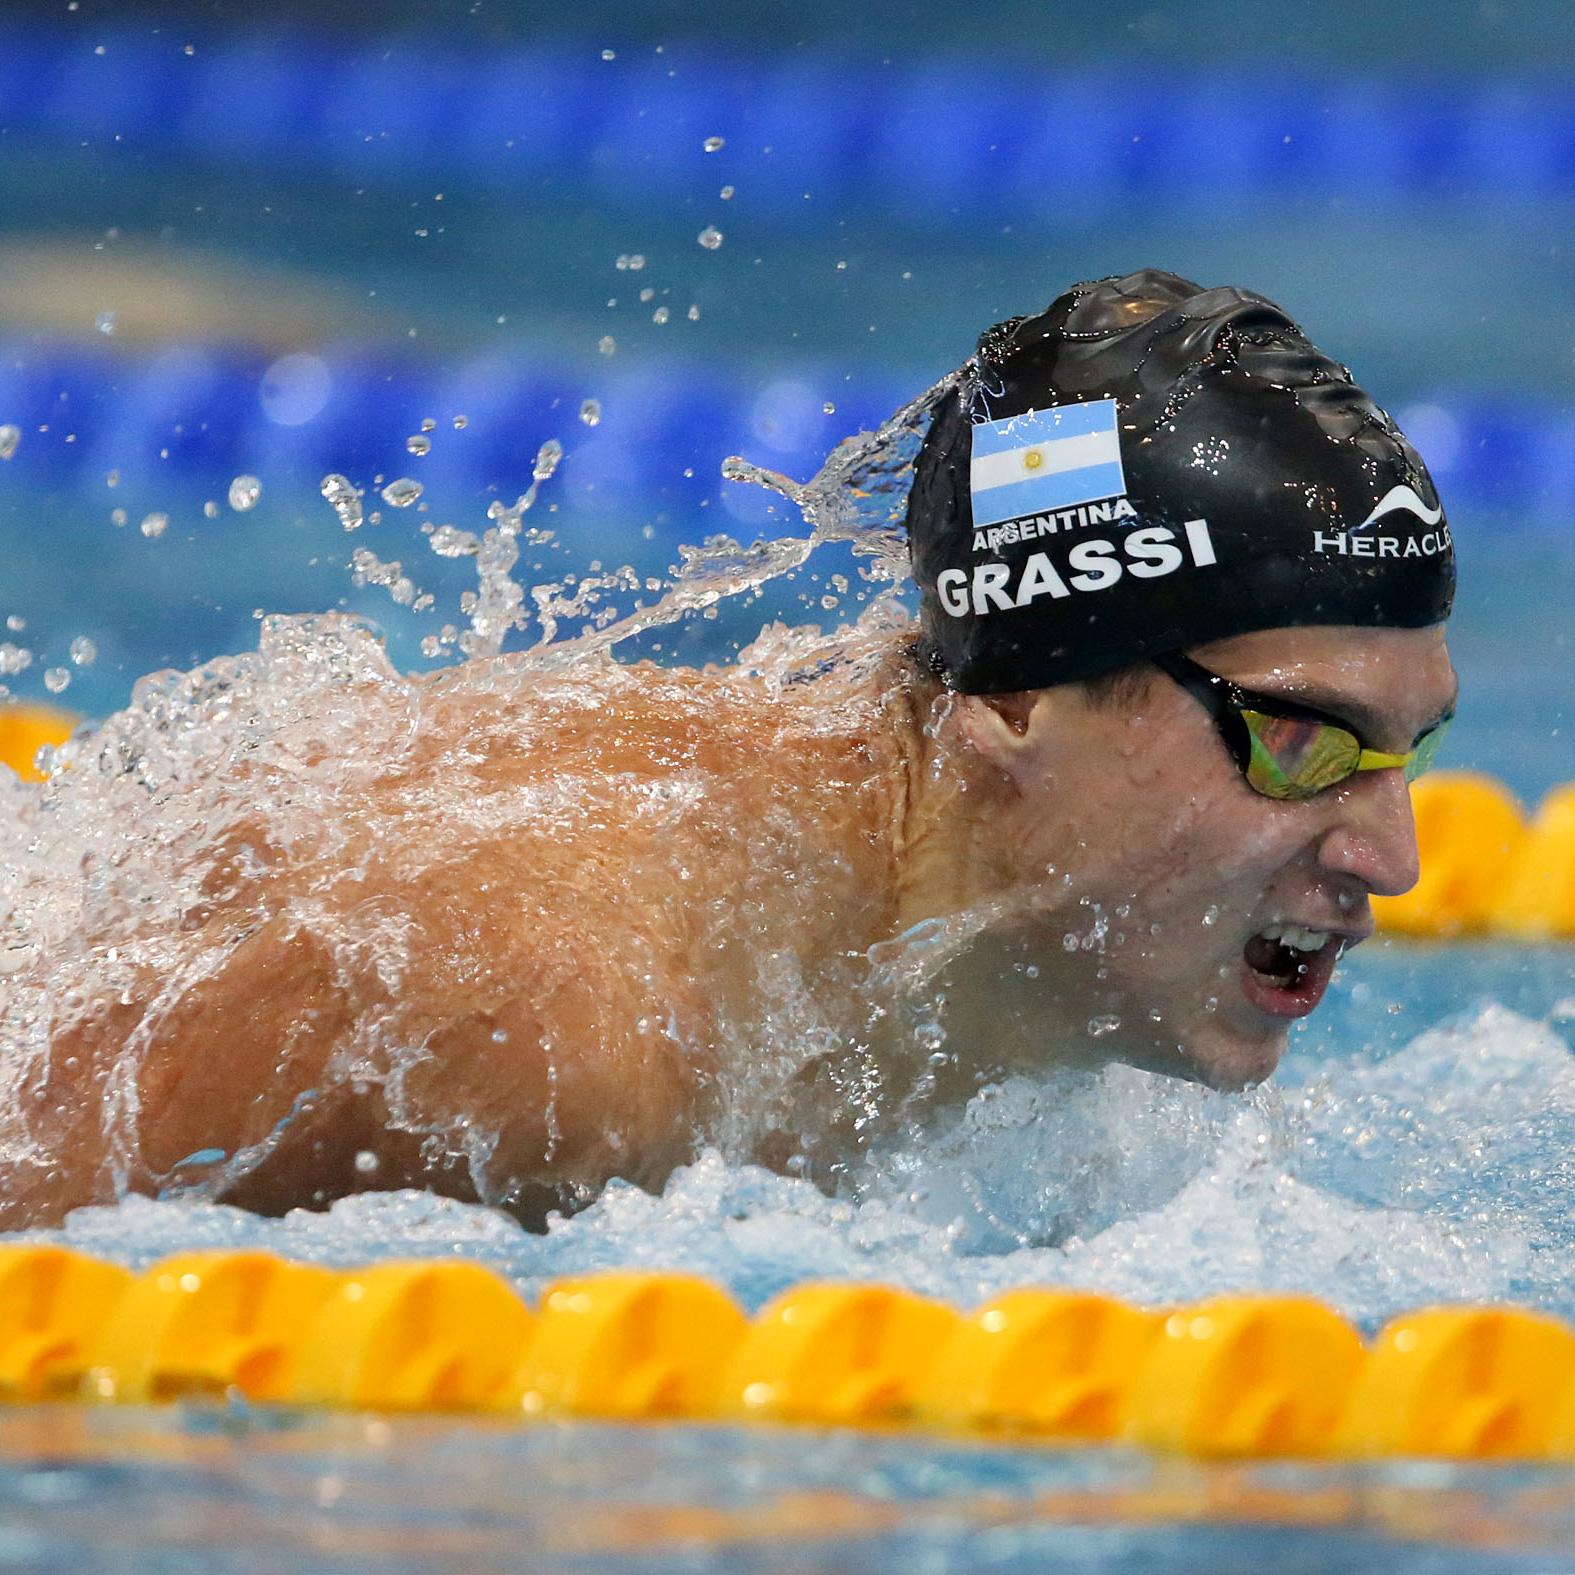 Santiago Grassi, recordman argentino de natación